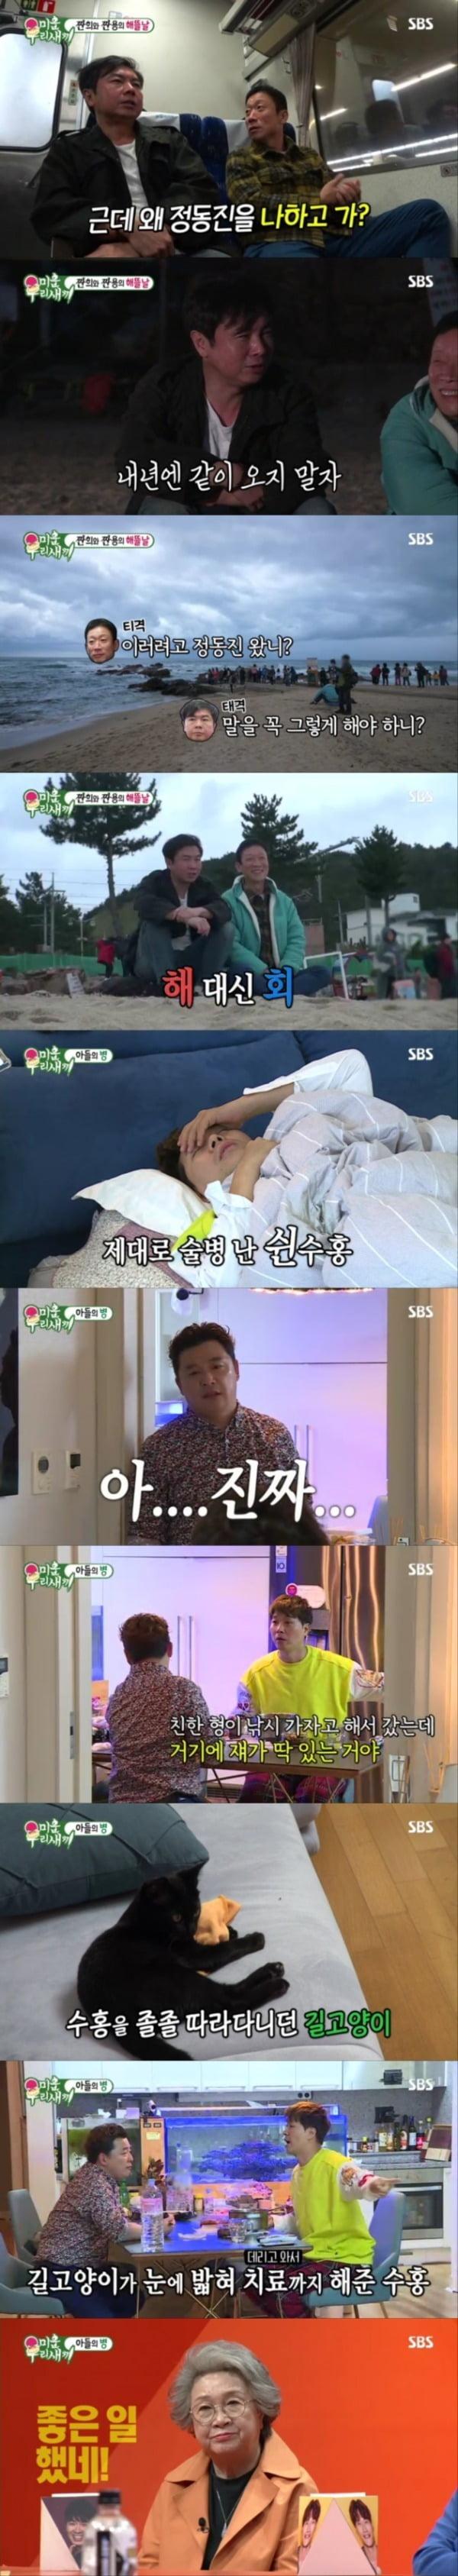 '미운 오리 새끼' 임원희, 박수홍 / 사진 = SBS 제공